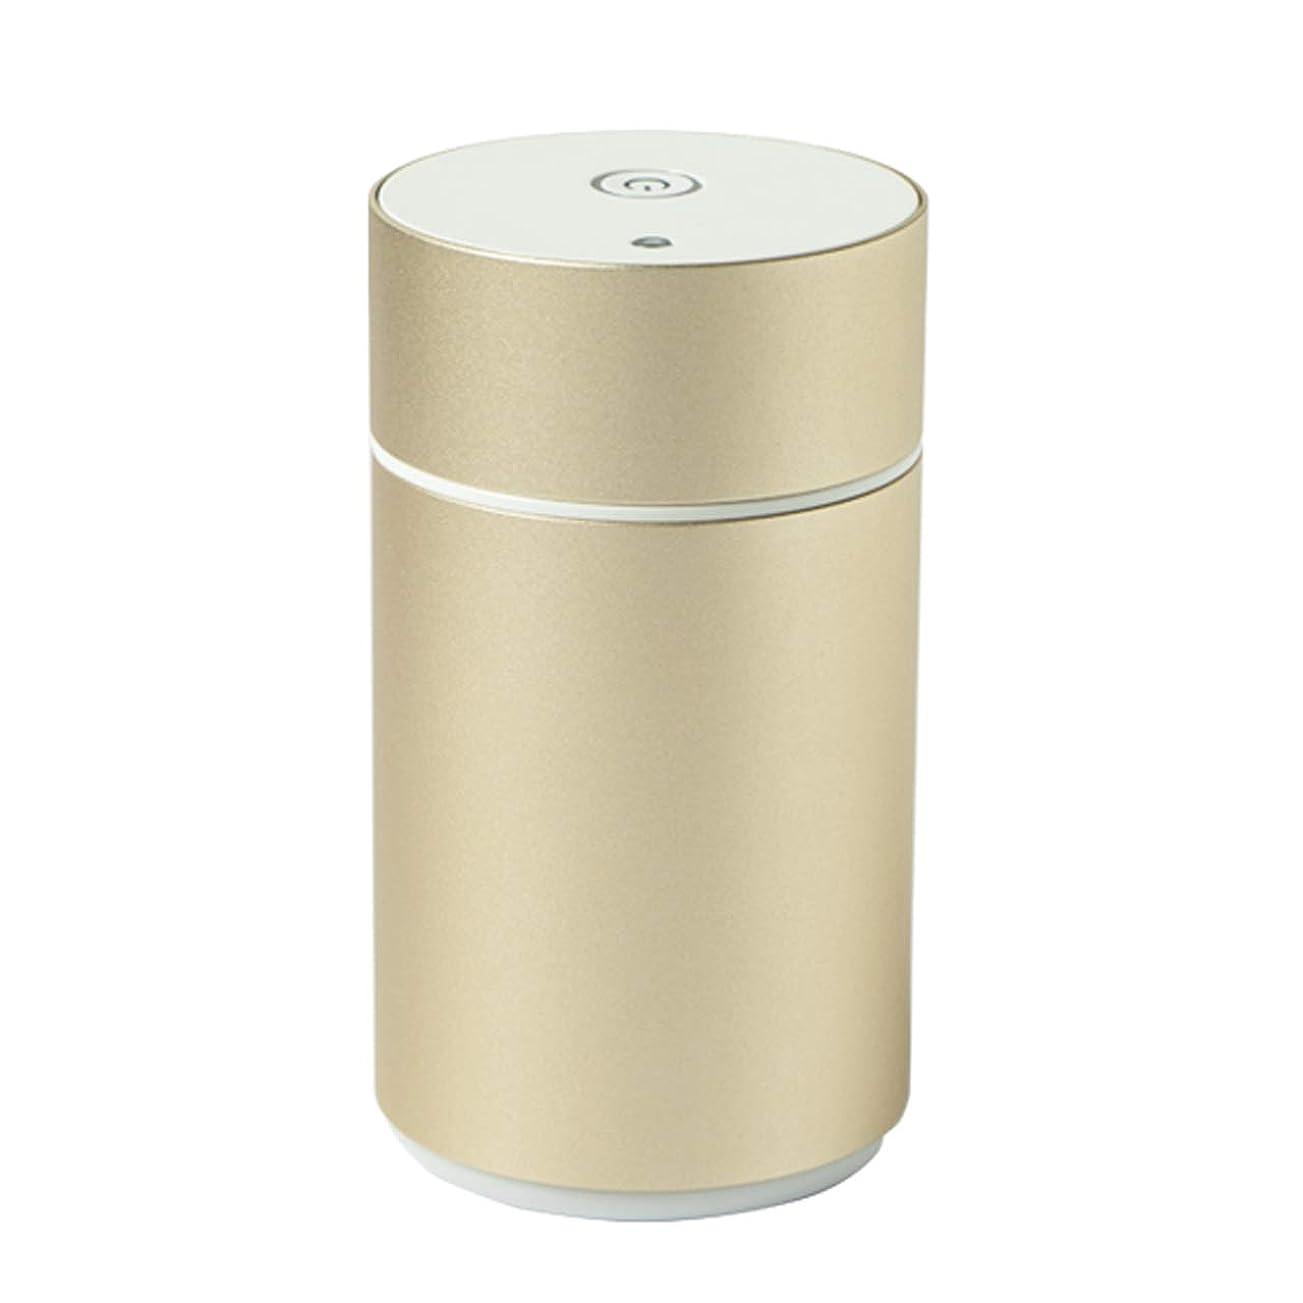 宴会中庭してはいけません生活の木 アロモア ミニ ゴールド (aromore mini gold) (エッセンシャルオイルディフューザー) (圧縮微粒子式アロマディフューザー)